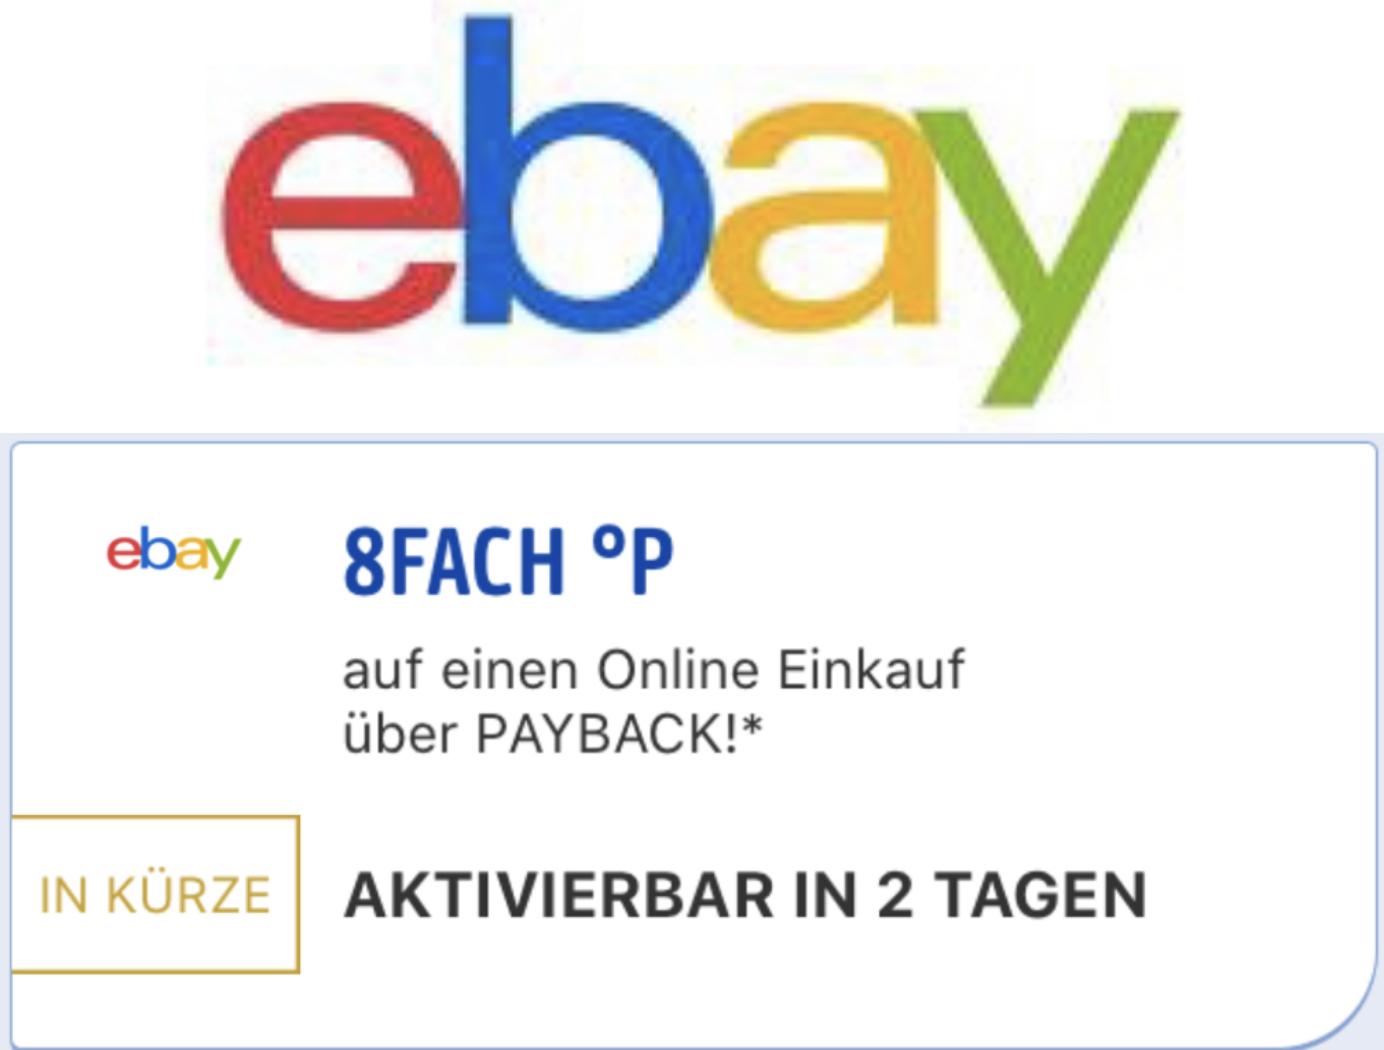 8-fach Payback Punkte bei ebay - selten!